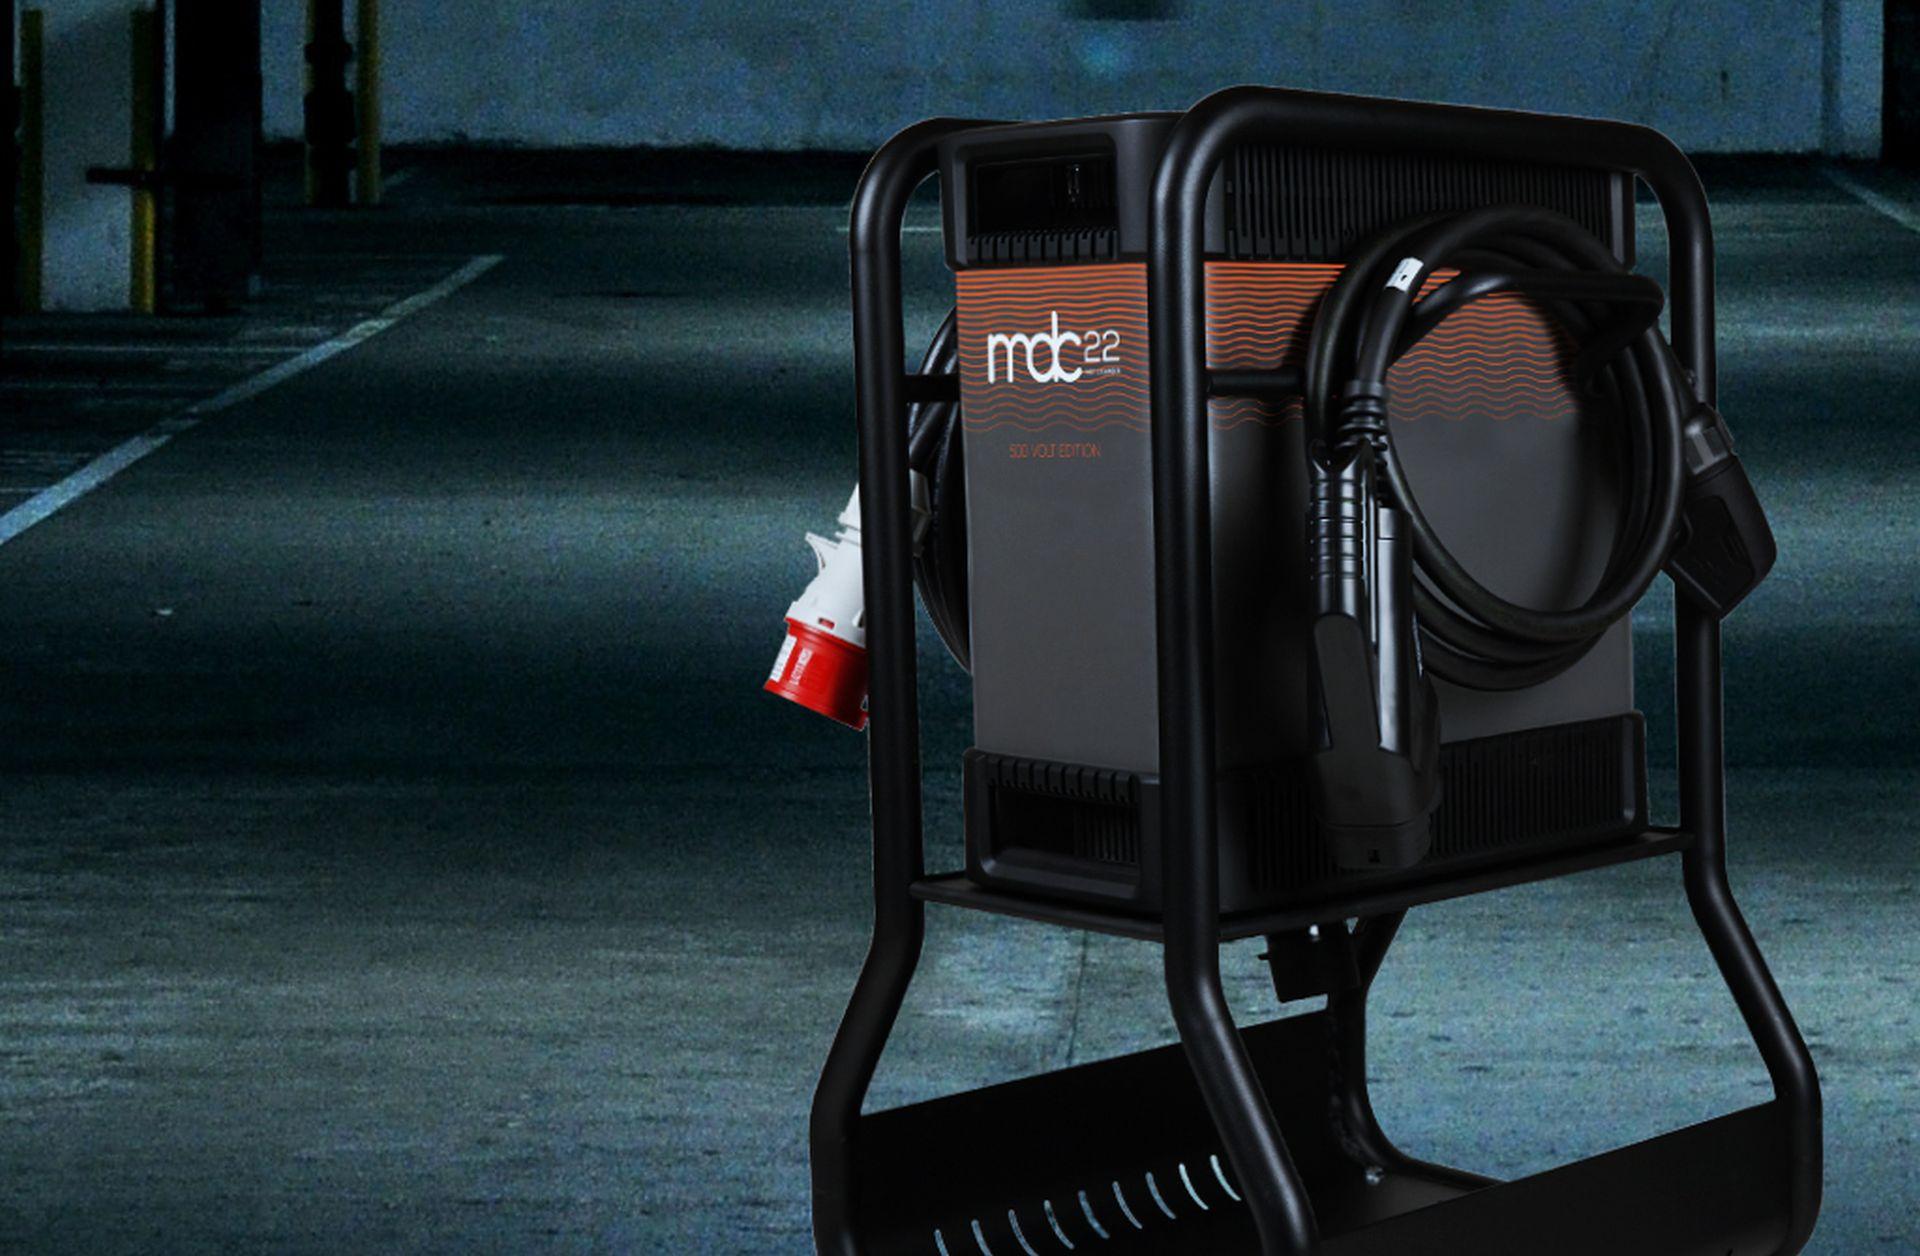 Designwerk: Marktstart mobiler Ladegeräte für Fahrzeuge mit höheren Batteriespannung